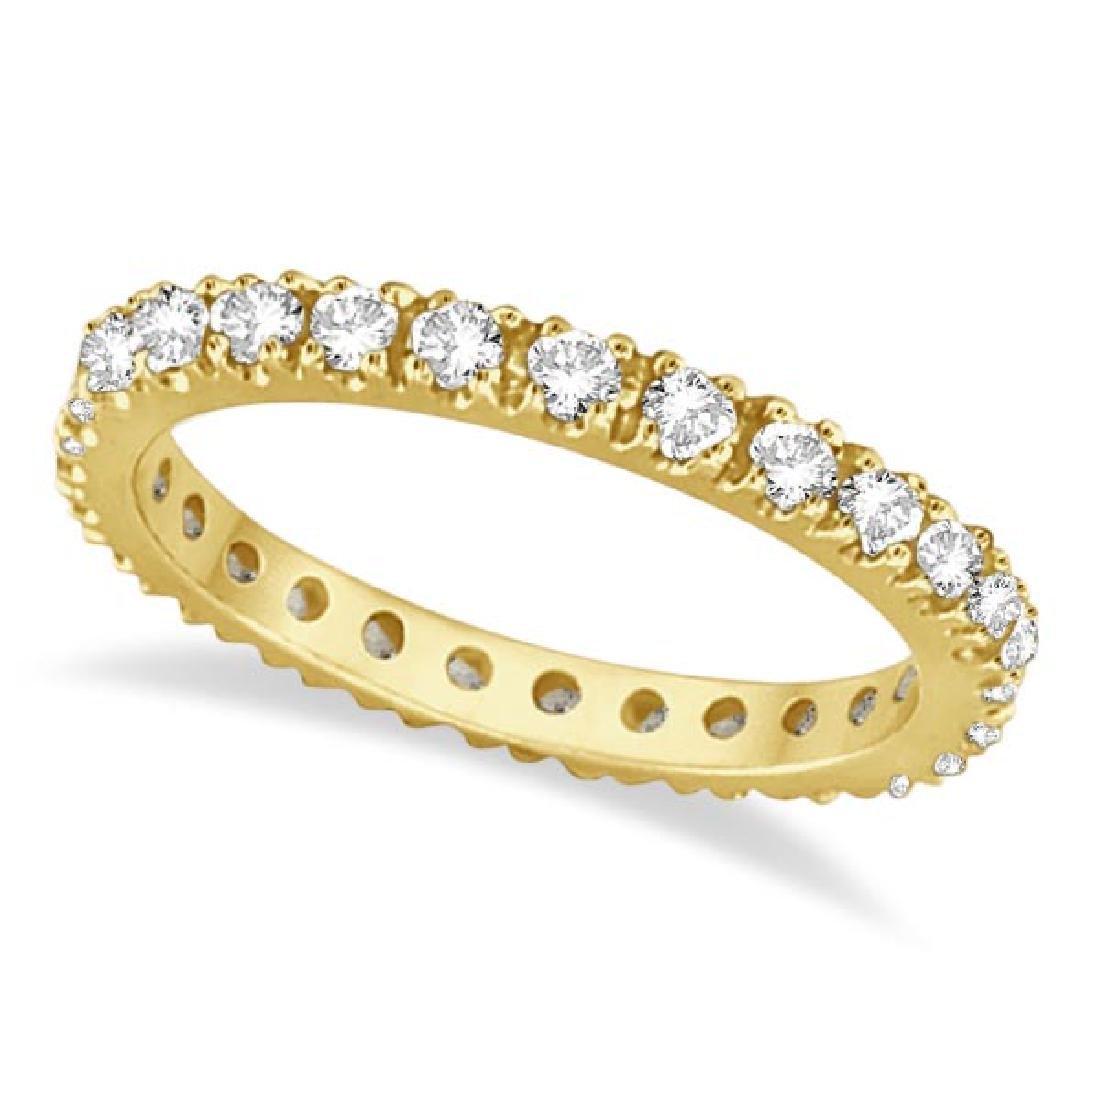 Diamond Eternity Stackable Ring Wedding Band 14K Yellow